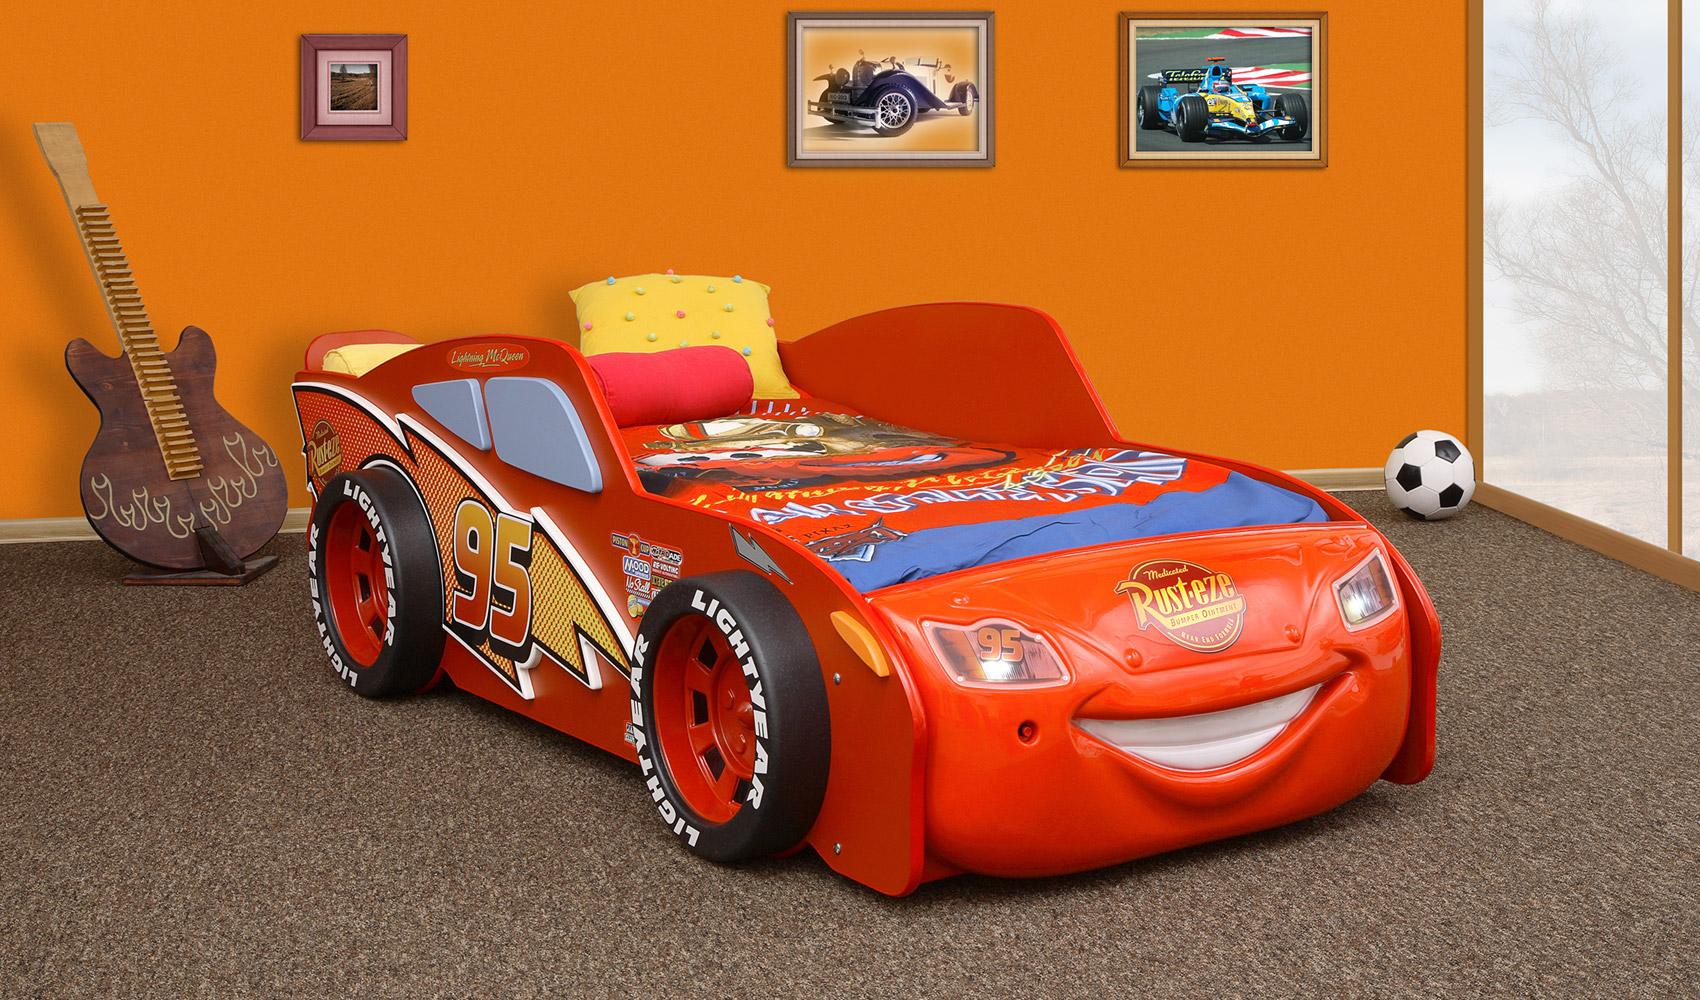 autobett lightning mcqueen kinderbett schlafen rennwagenbett bett kinder cars ebay. Black Bedroom Furniture Sets. Home Design Ideas